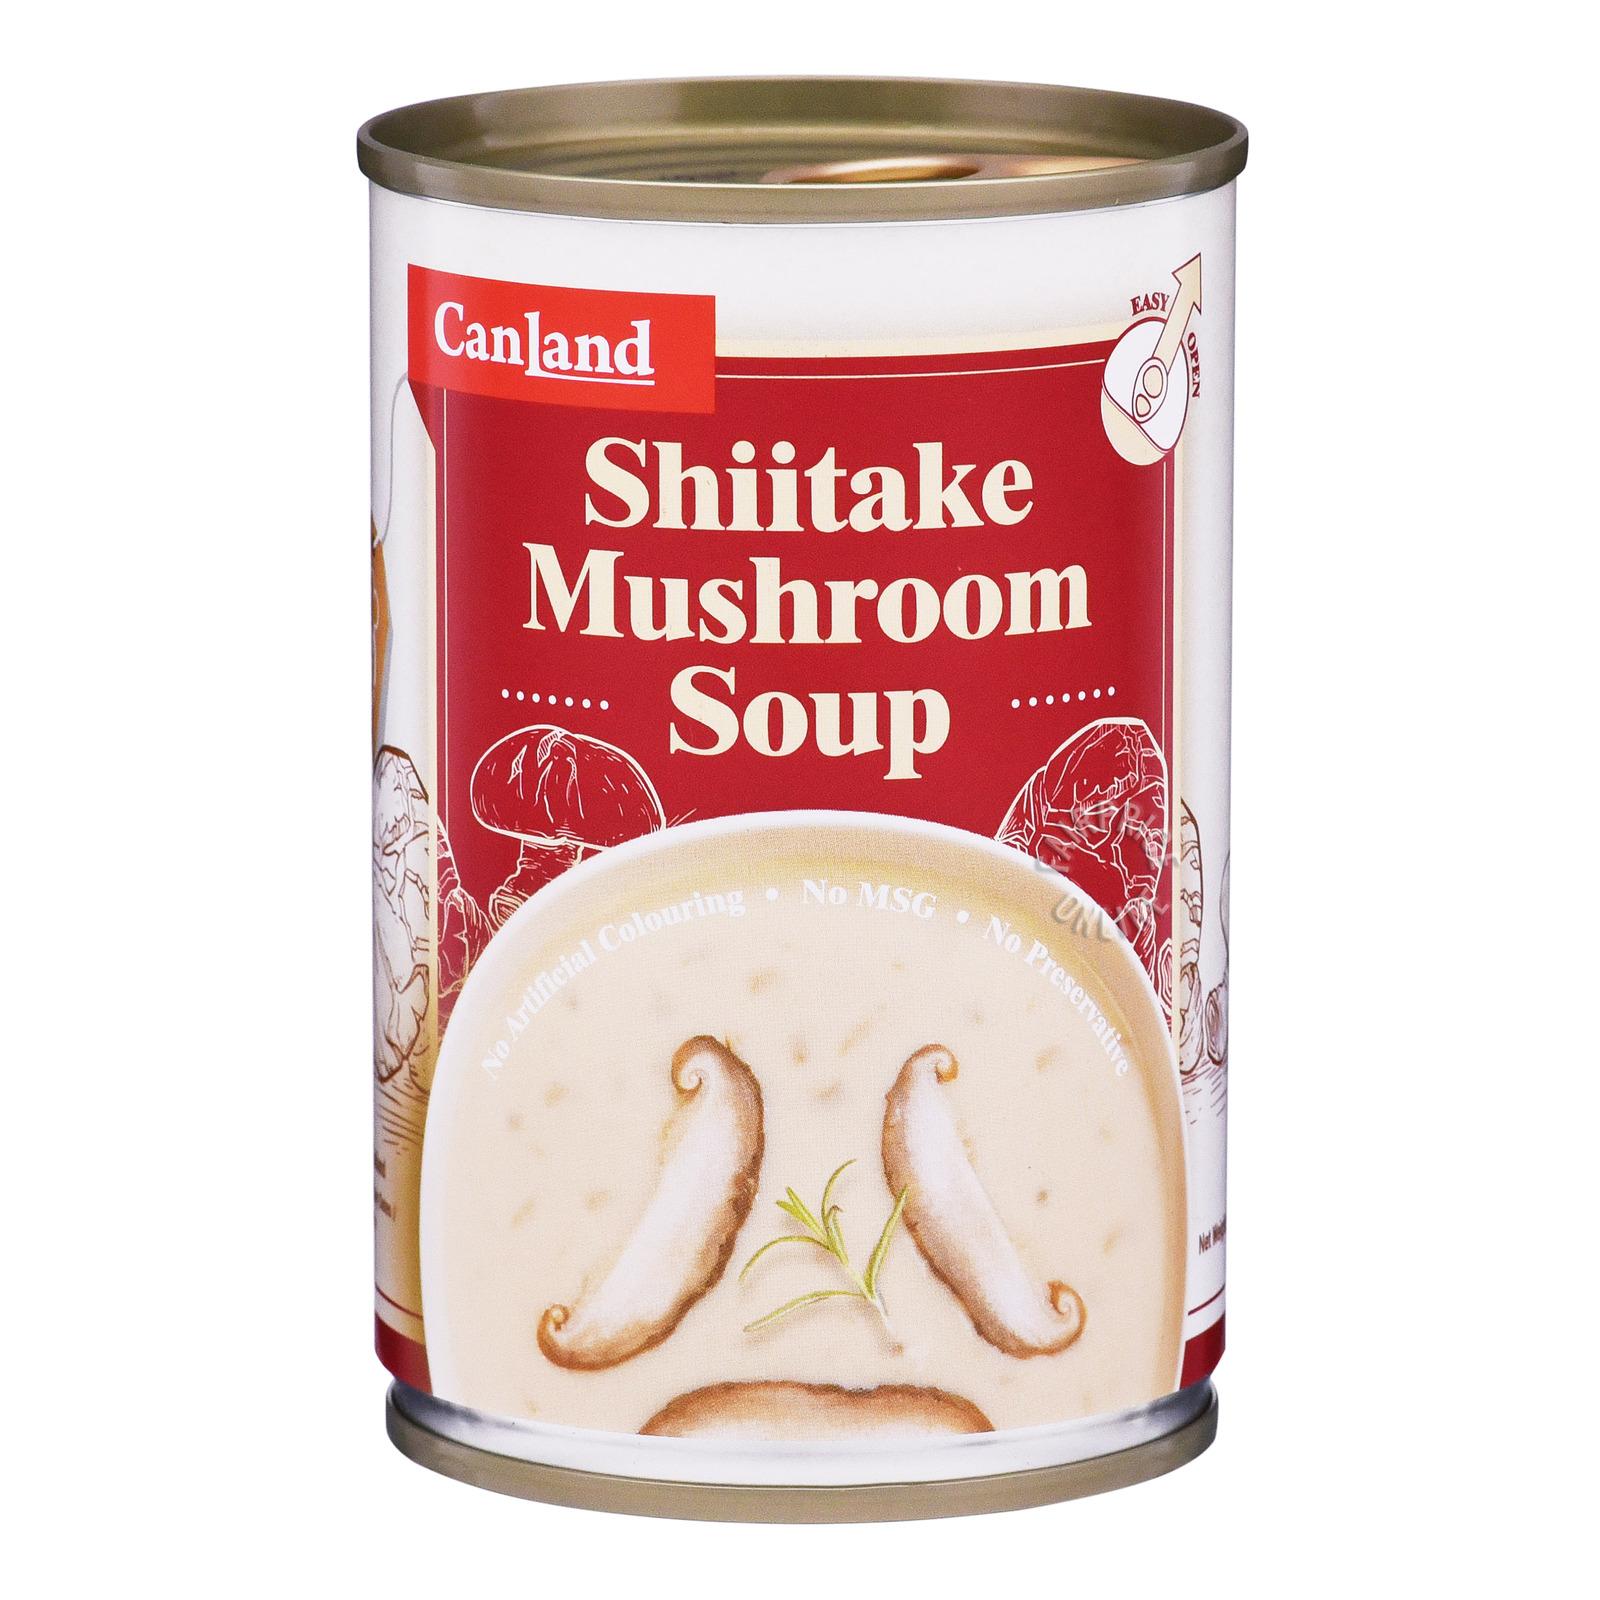 Canland Canned Soup - Shiitake Mushroom